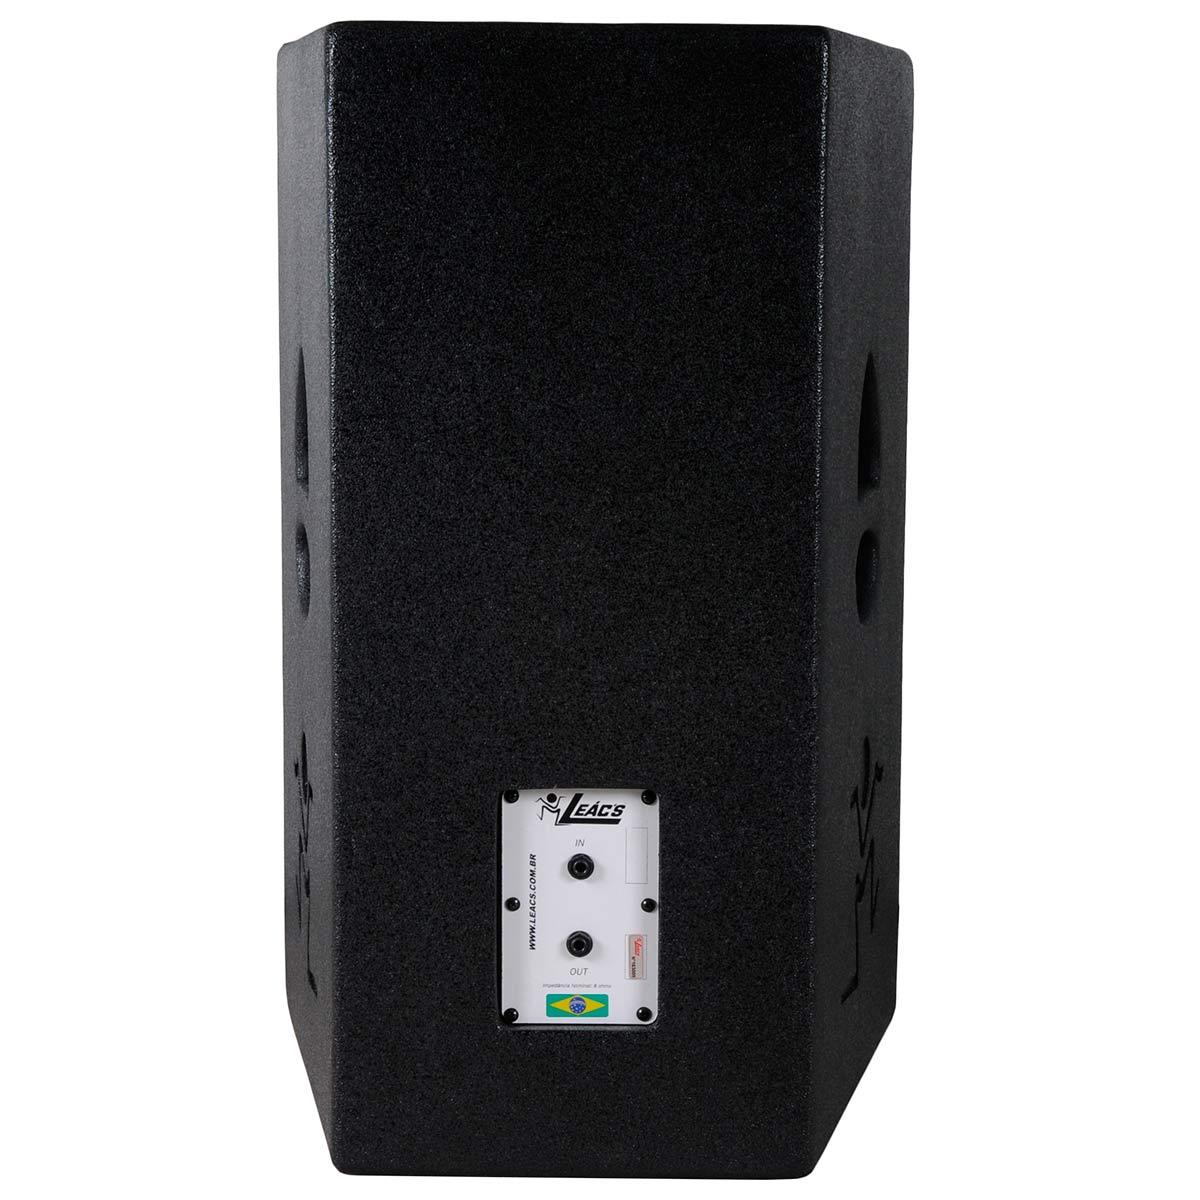 Caixa Passiva Fal 15 Pol 250W - Happy 15 TI (2 Vias) Leacs